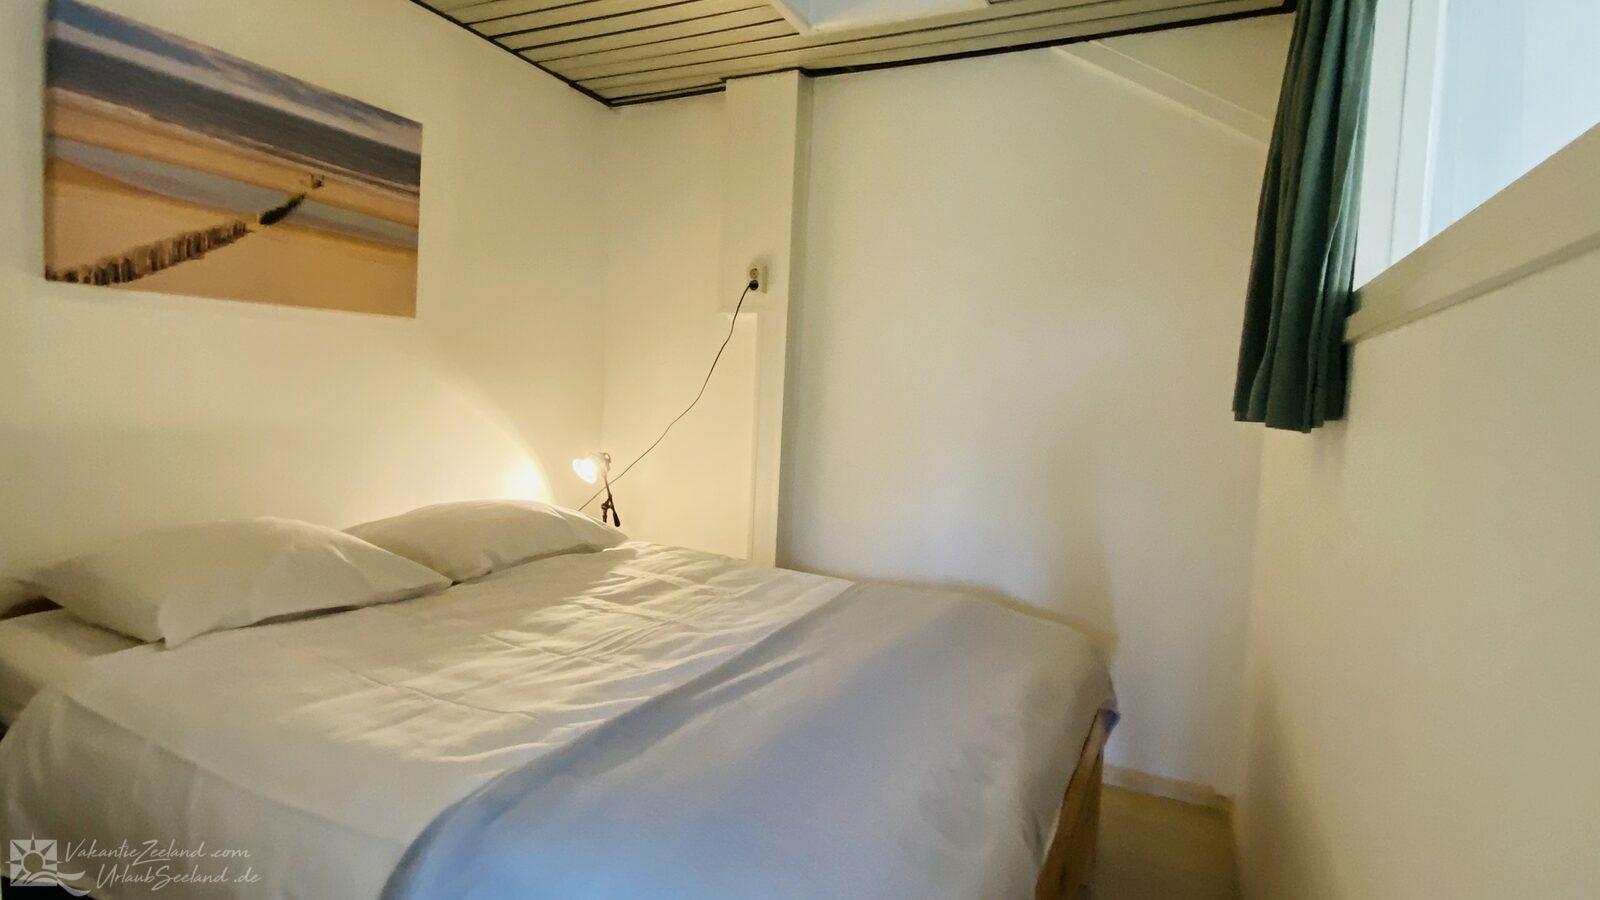 VZ120 Vakantiehuis Veere